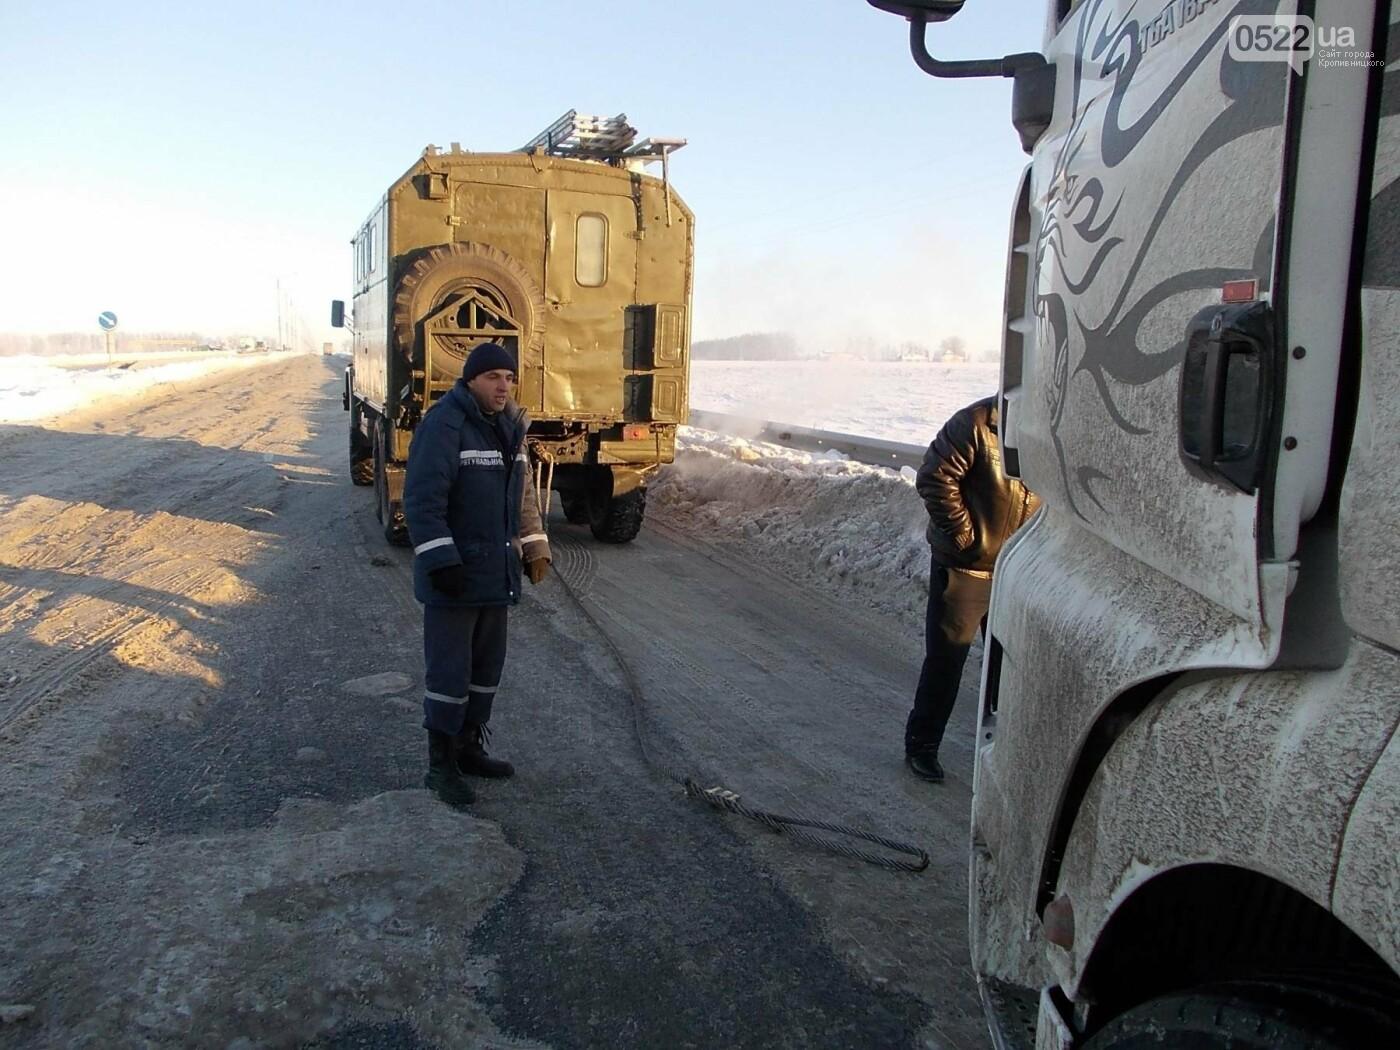 Кіровоградська область: минулої доби рятувальники відбуксирували 9 автомобілів із складних ділянок автошляхів, фото-4